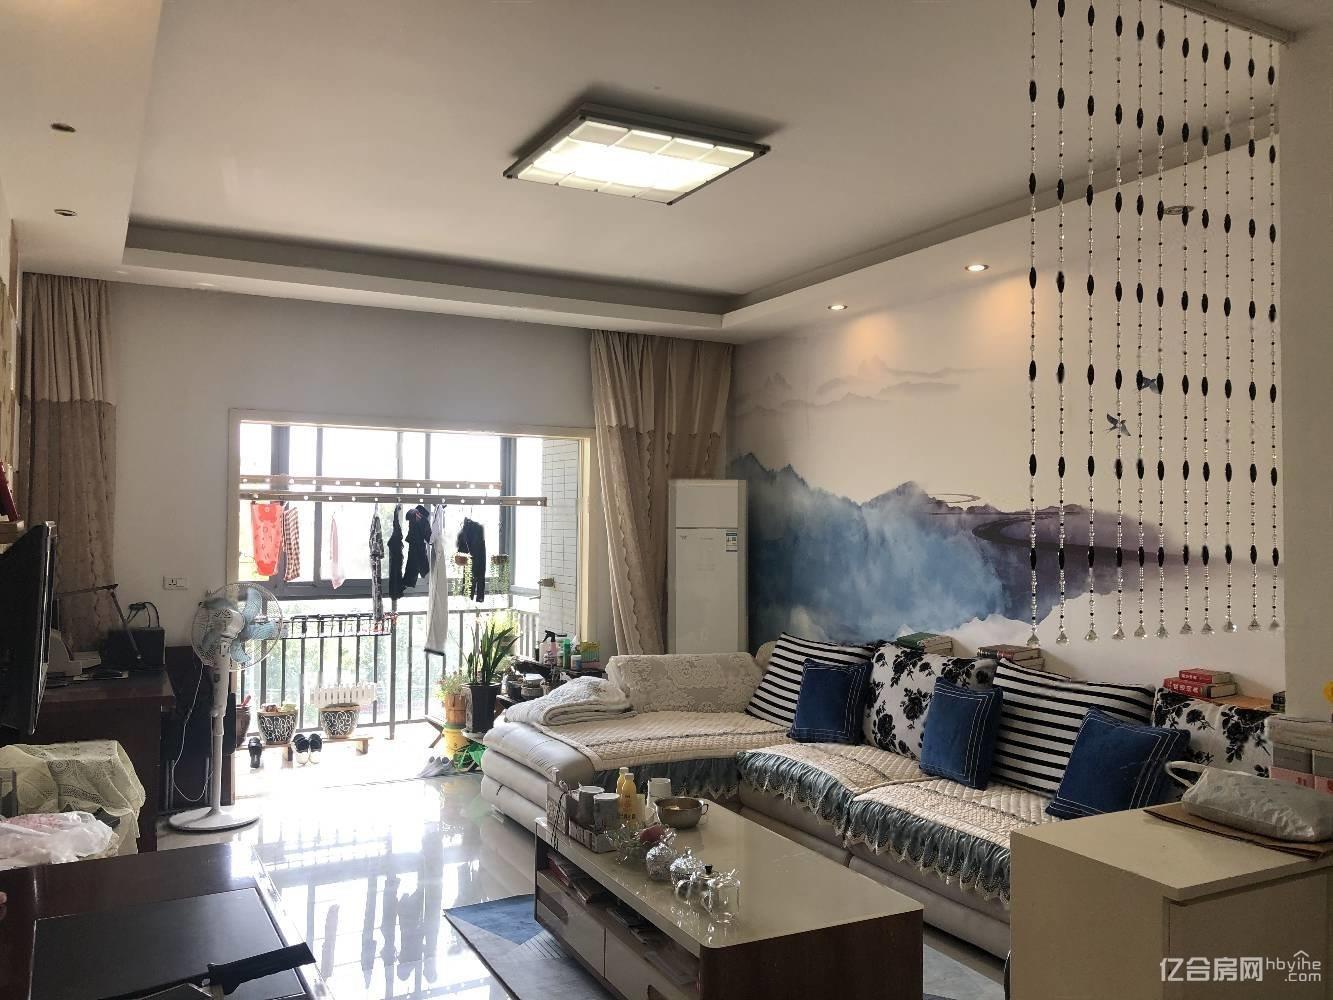 世纪雅园精装两房,85平米中间楼层,售价48.8万,证满两年